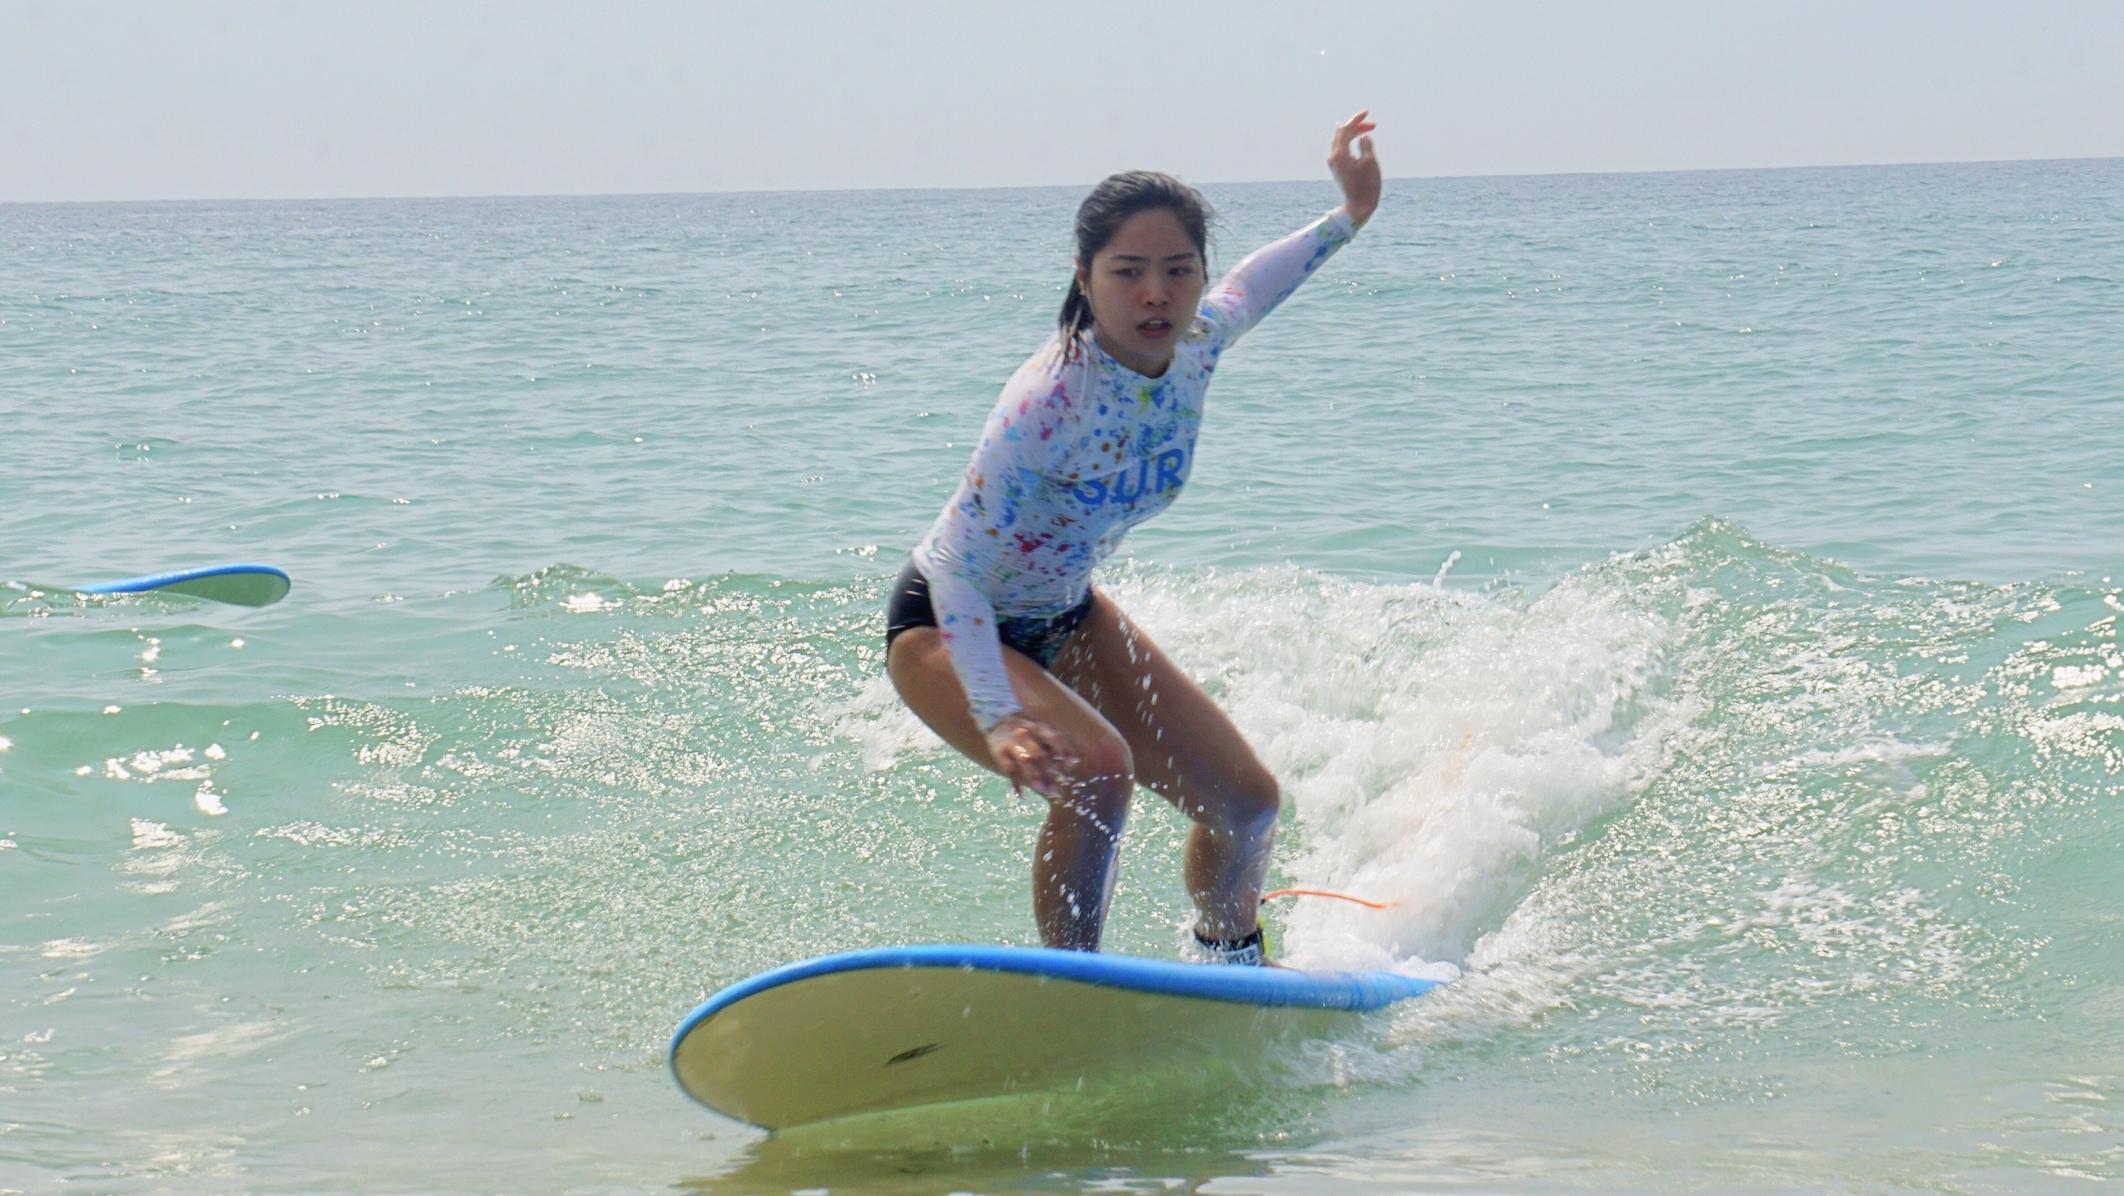 女孩子也是很适合冲浪运动,别有一番风情